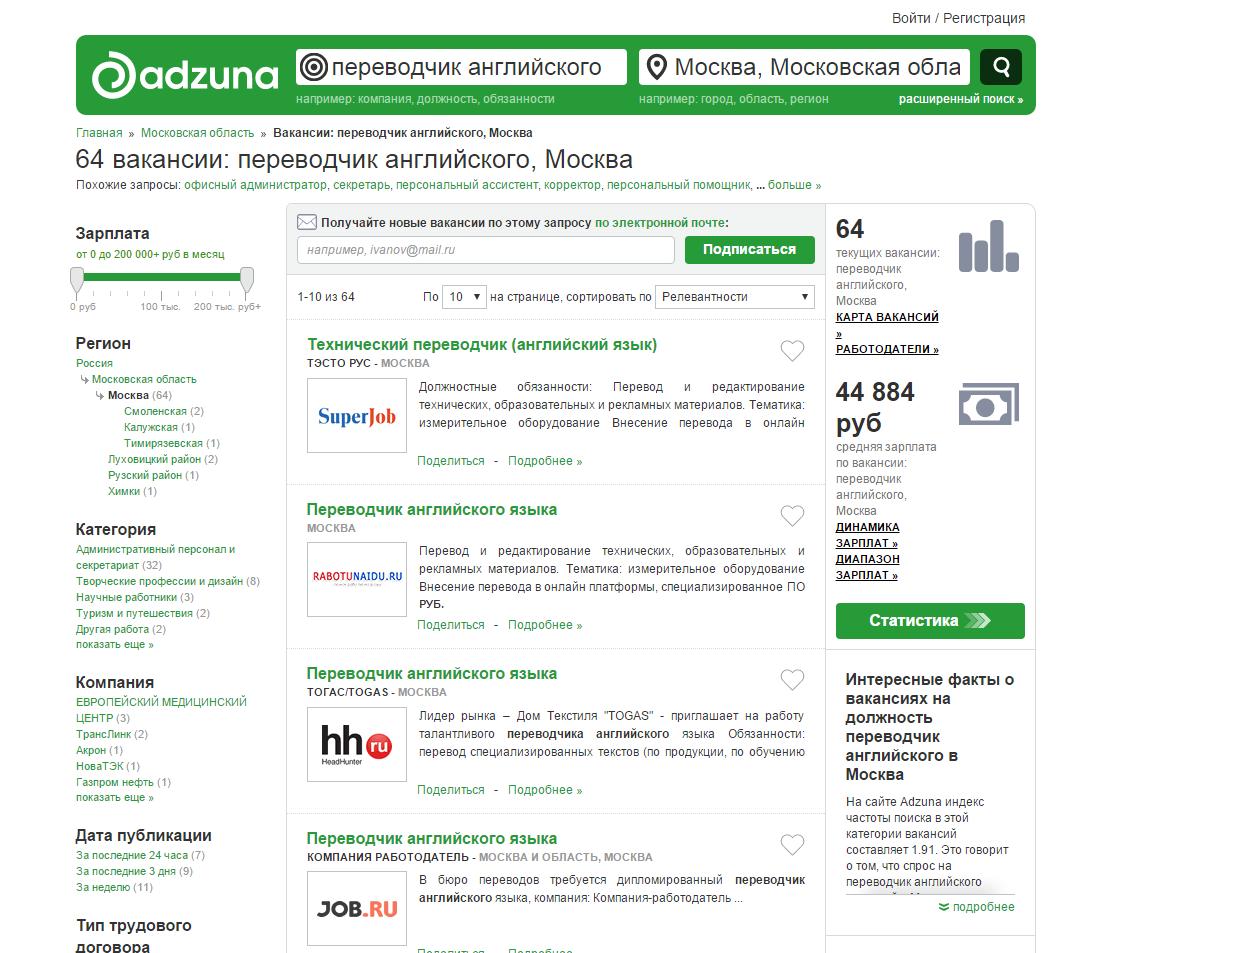 Работа удаленного переводчика москве скачать моды для фрилансера